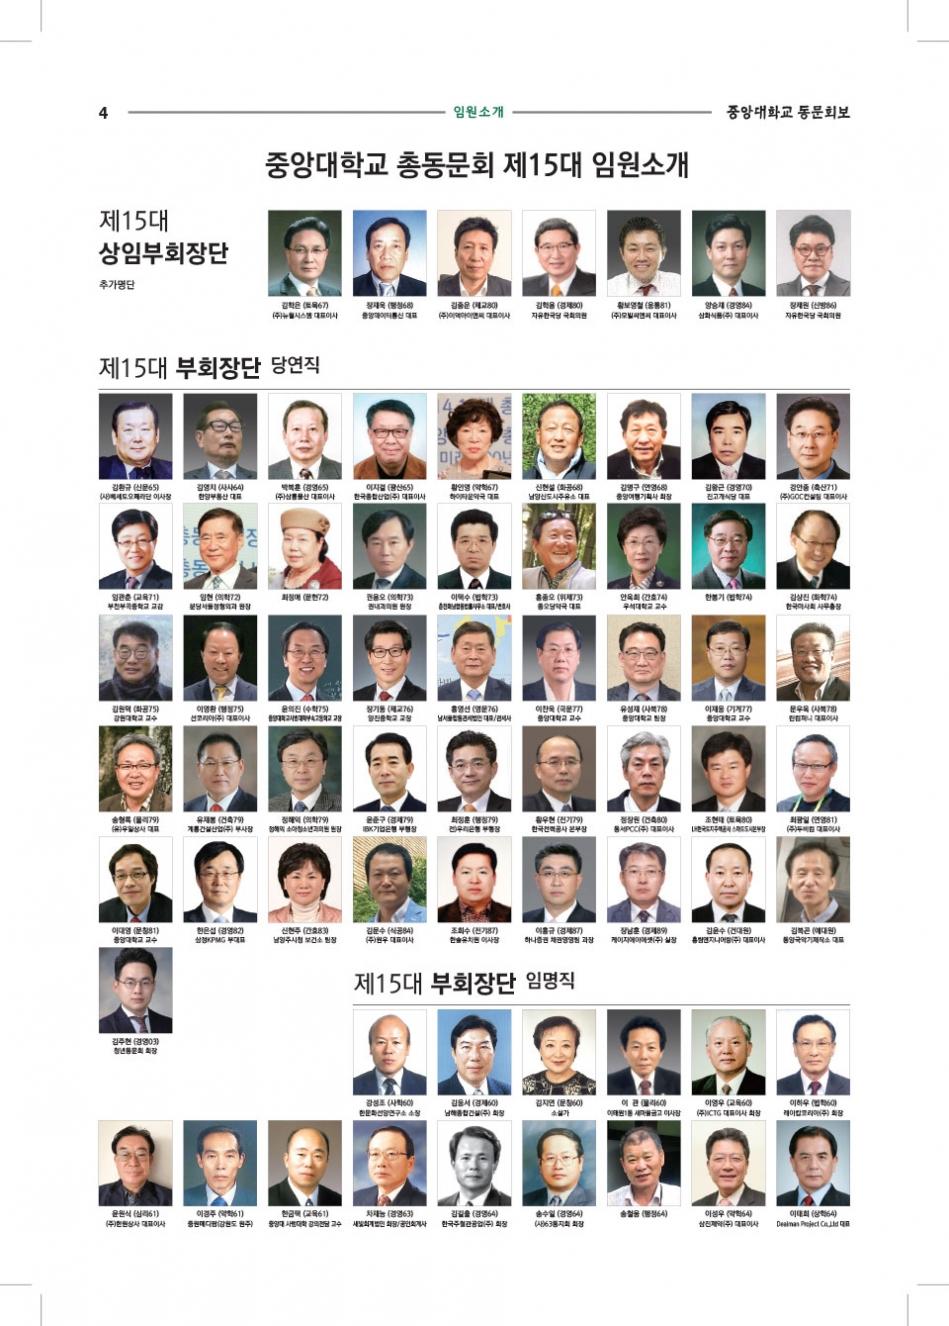 중총신문-18-2-15-최종00-OL인쇄다시-(1)-4.jpg